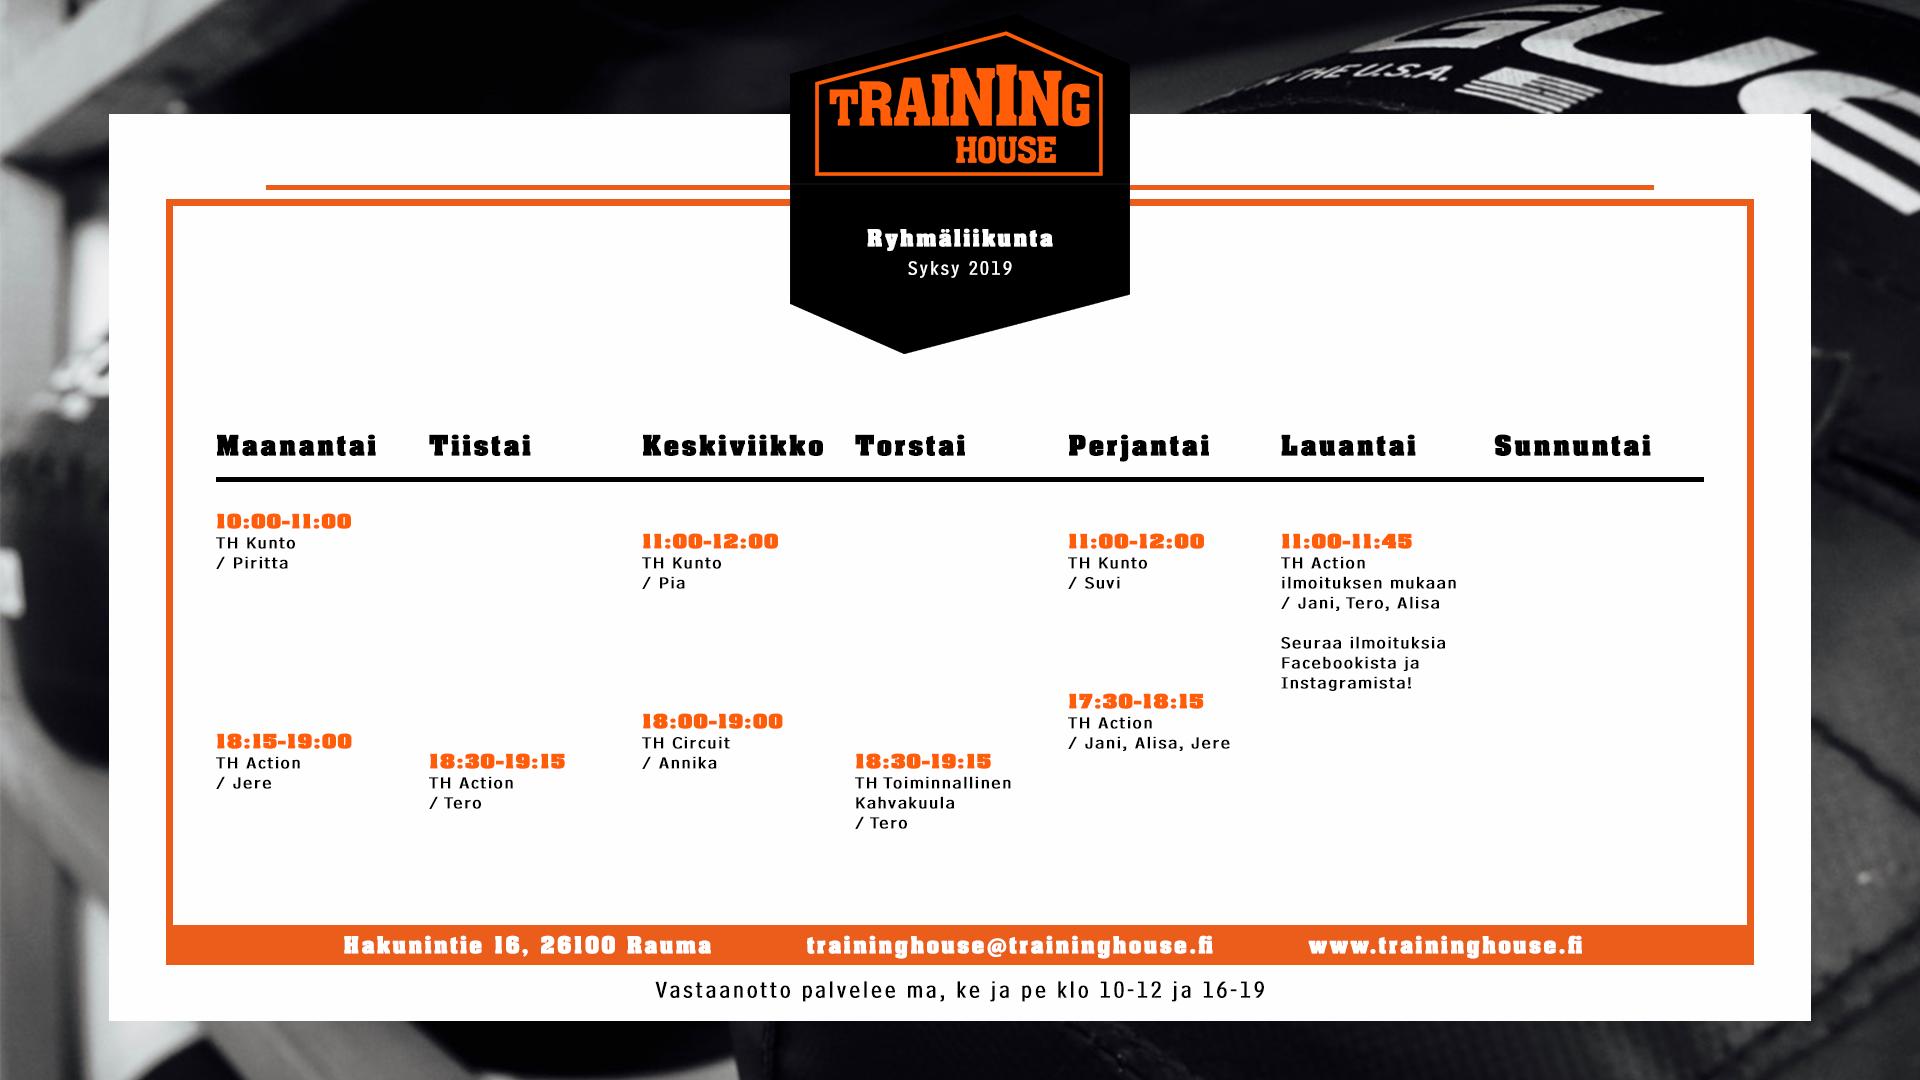 Training Housen ryhmäliikunnan lukujärjestys